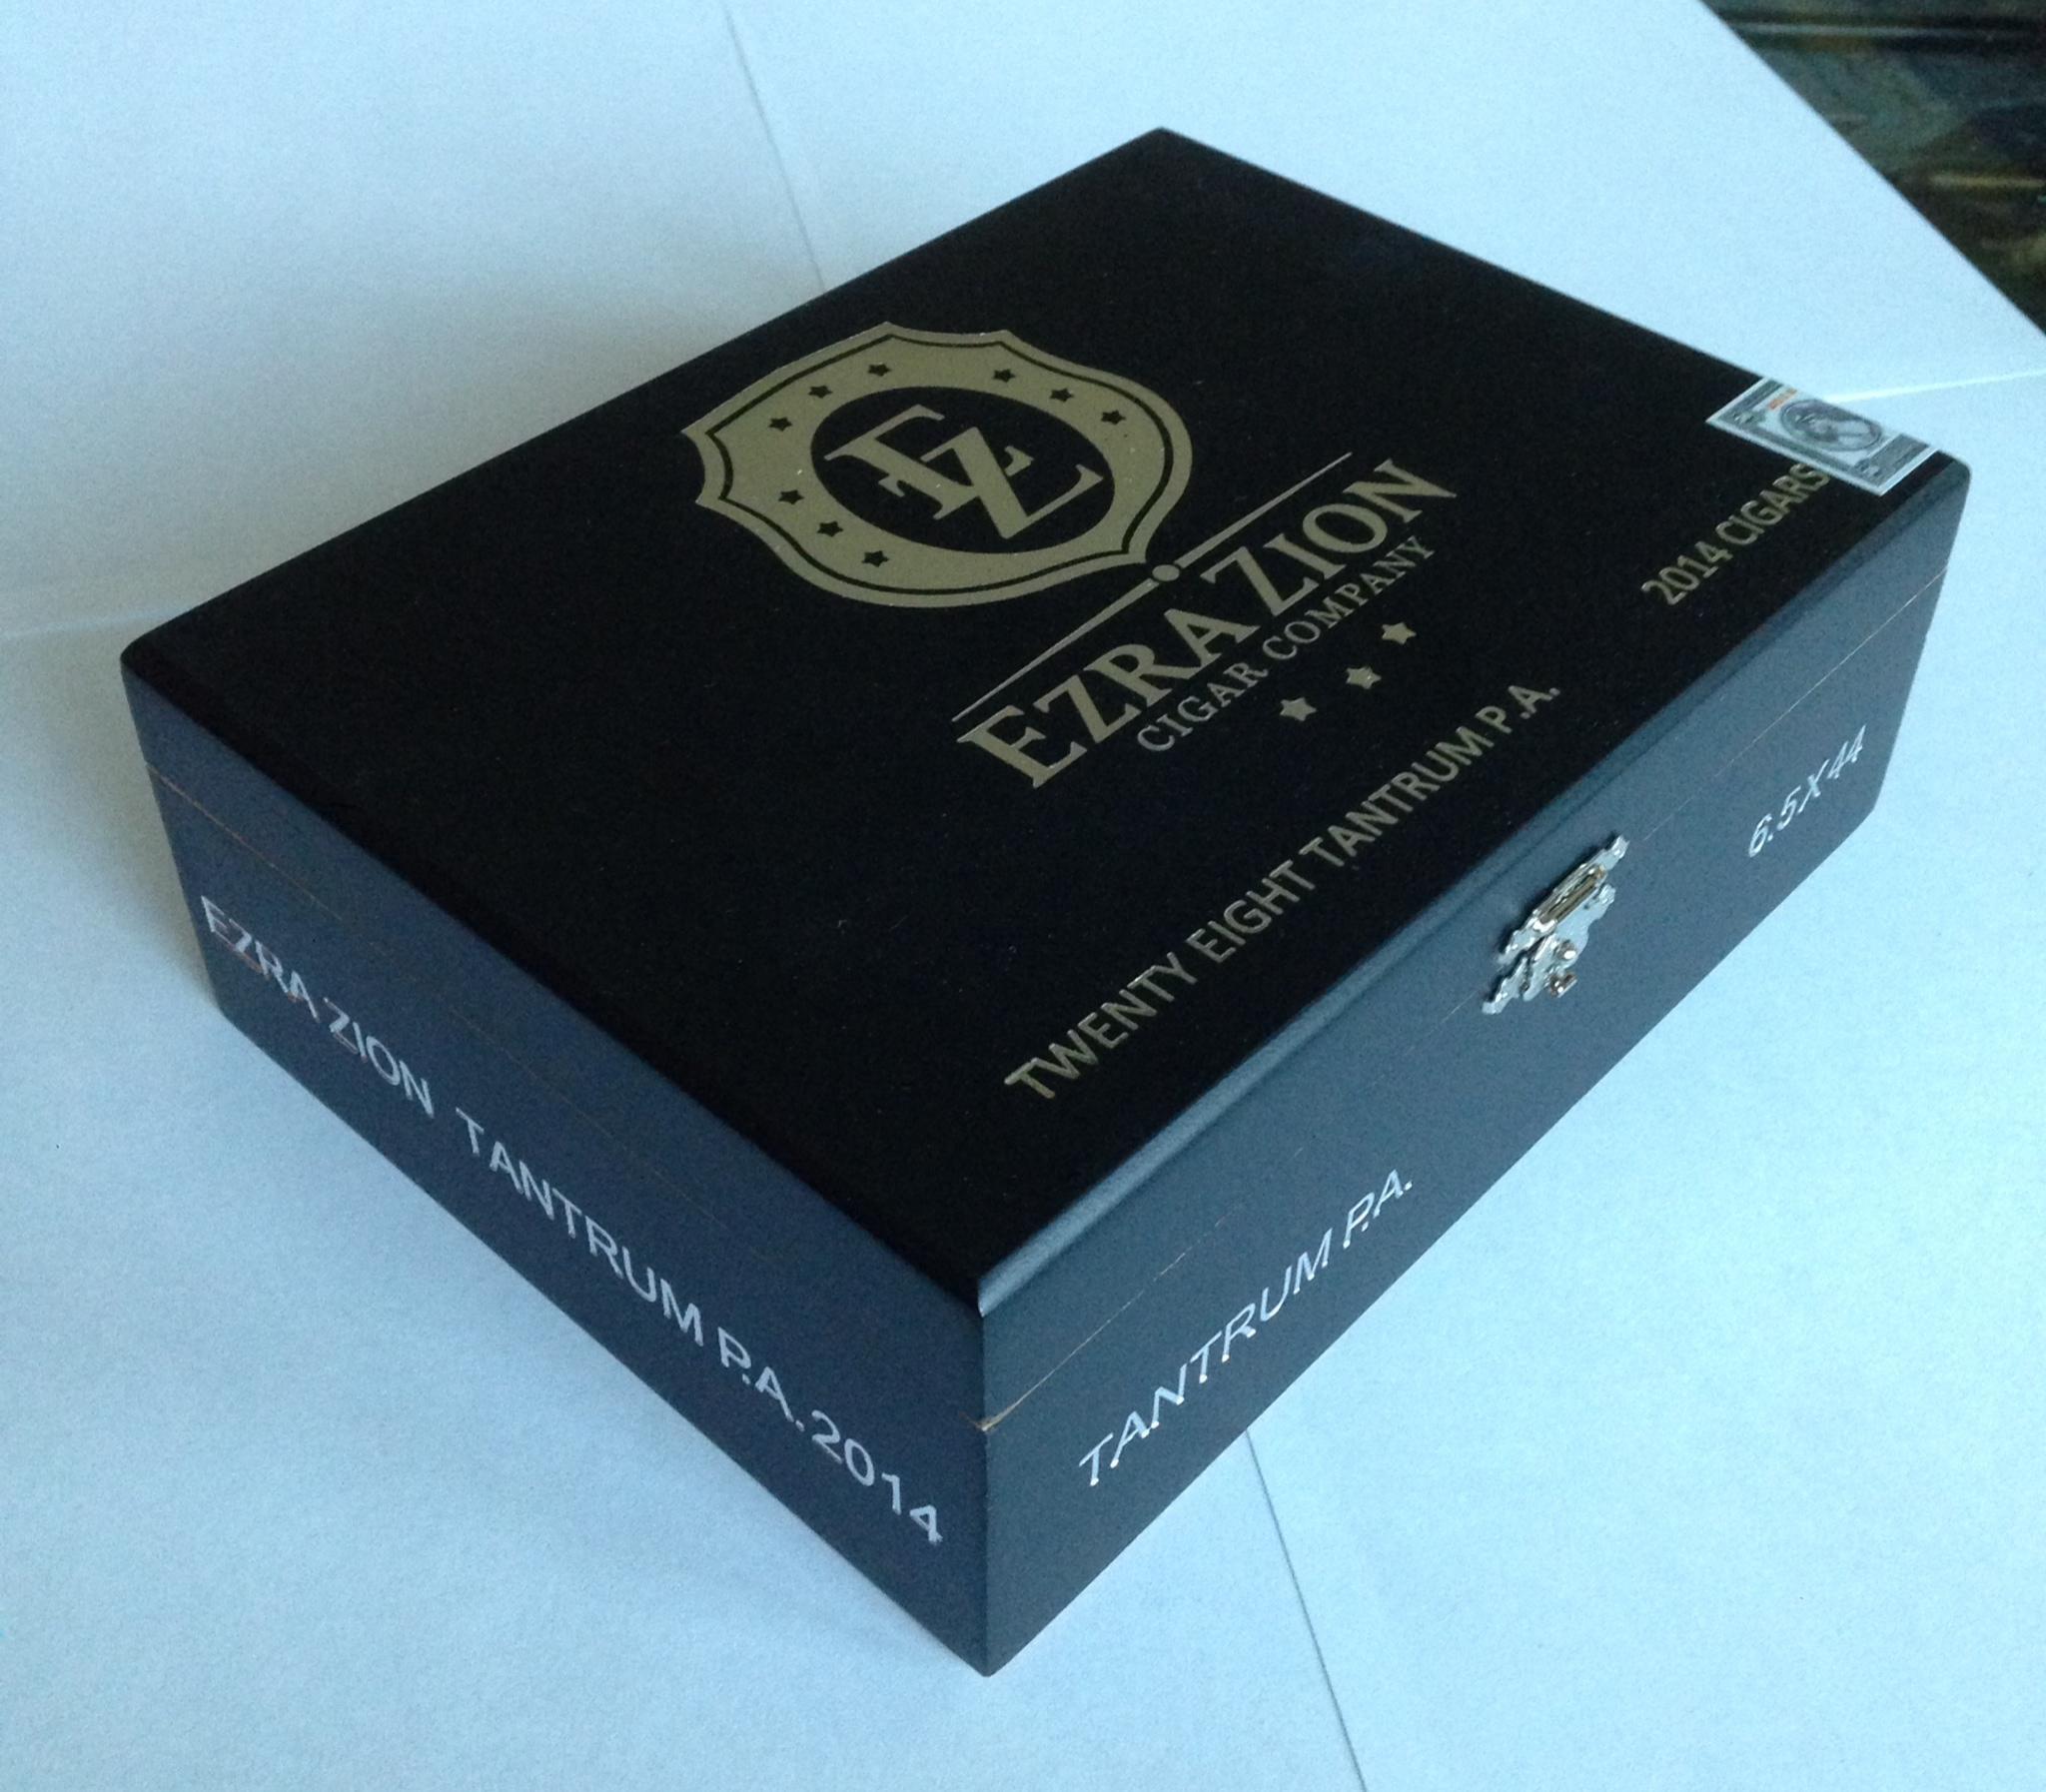 Ezra Zion Tantrum PA Box 1.JPG